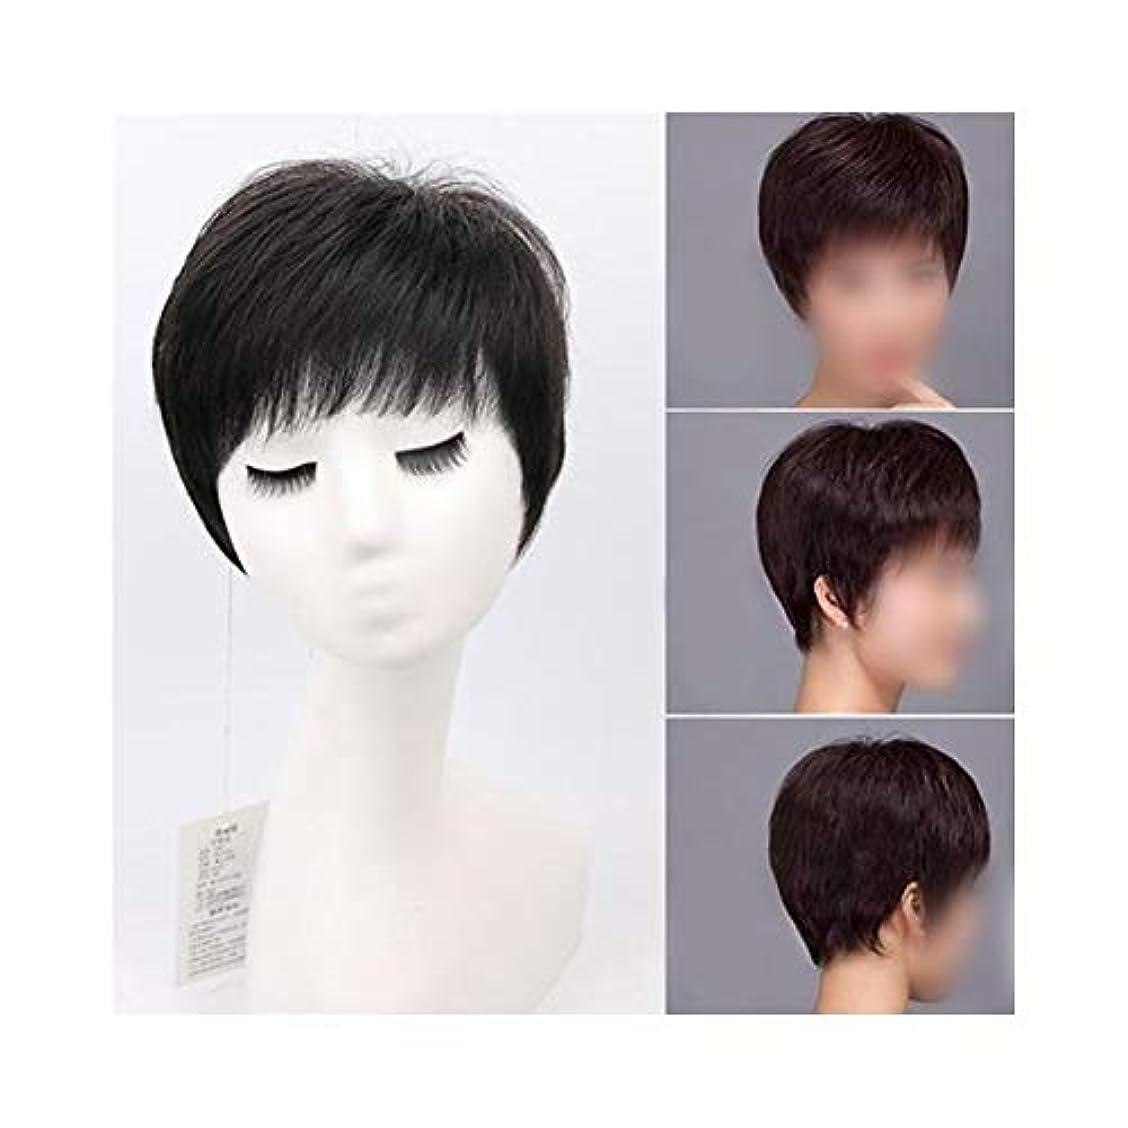 下手くそー編集者YOUQIU 女性のための空気中前髪と古いウィッグナチュラル現実的なかつらを持つ実髪ショートストレートヘアー (色 : Dark brown)